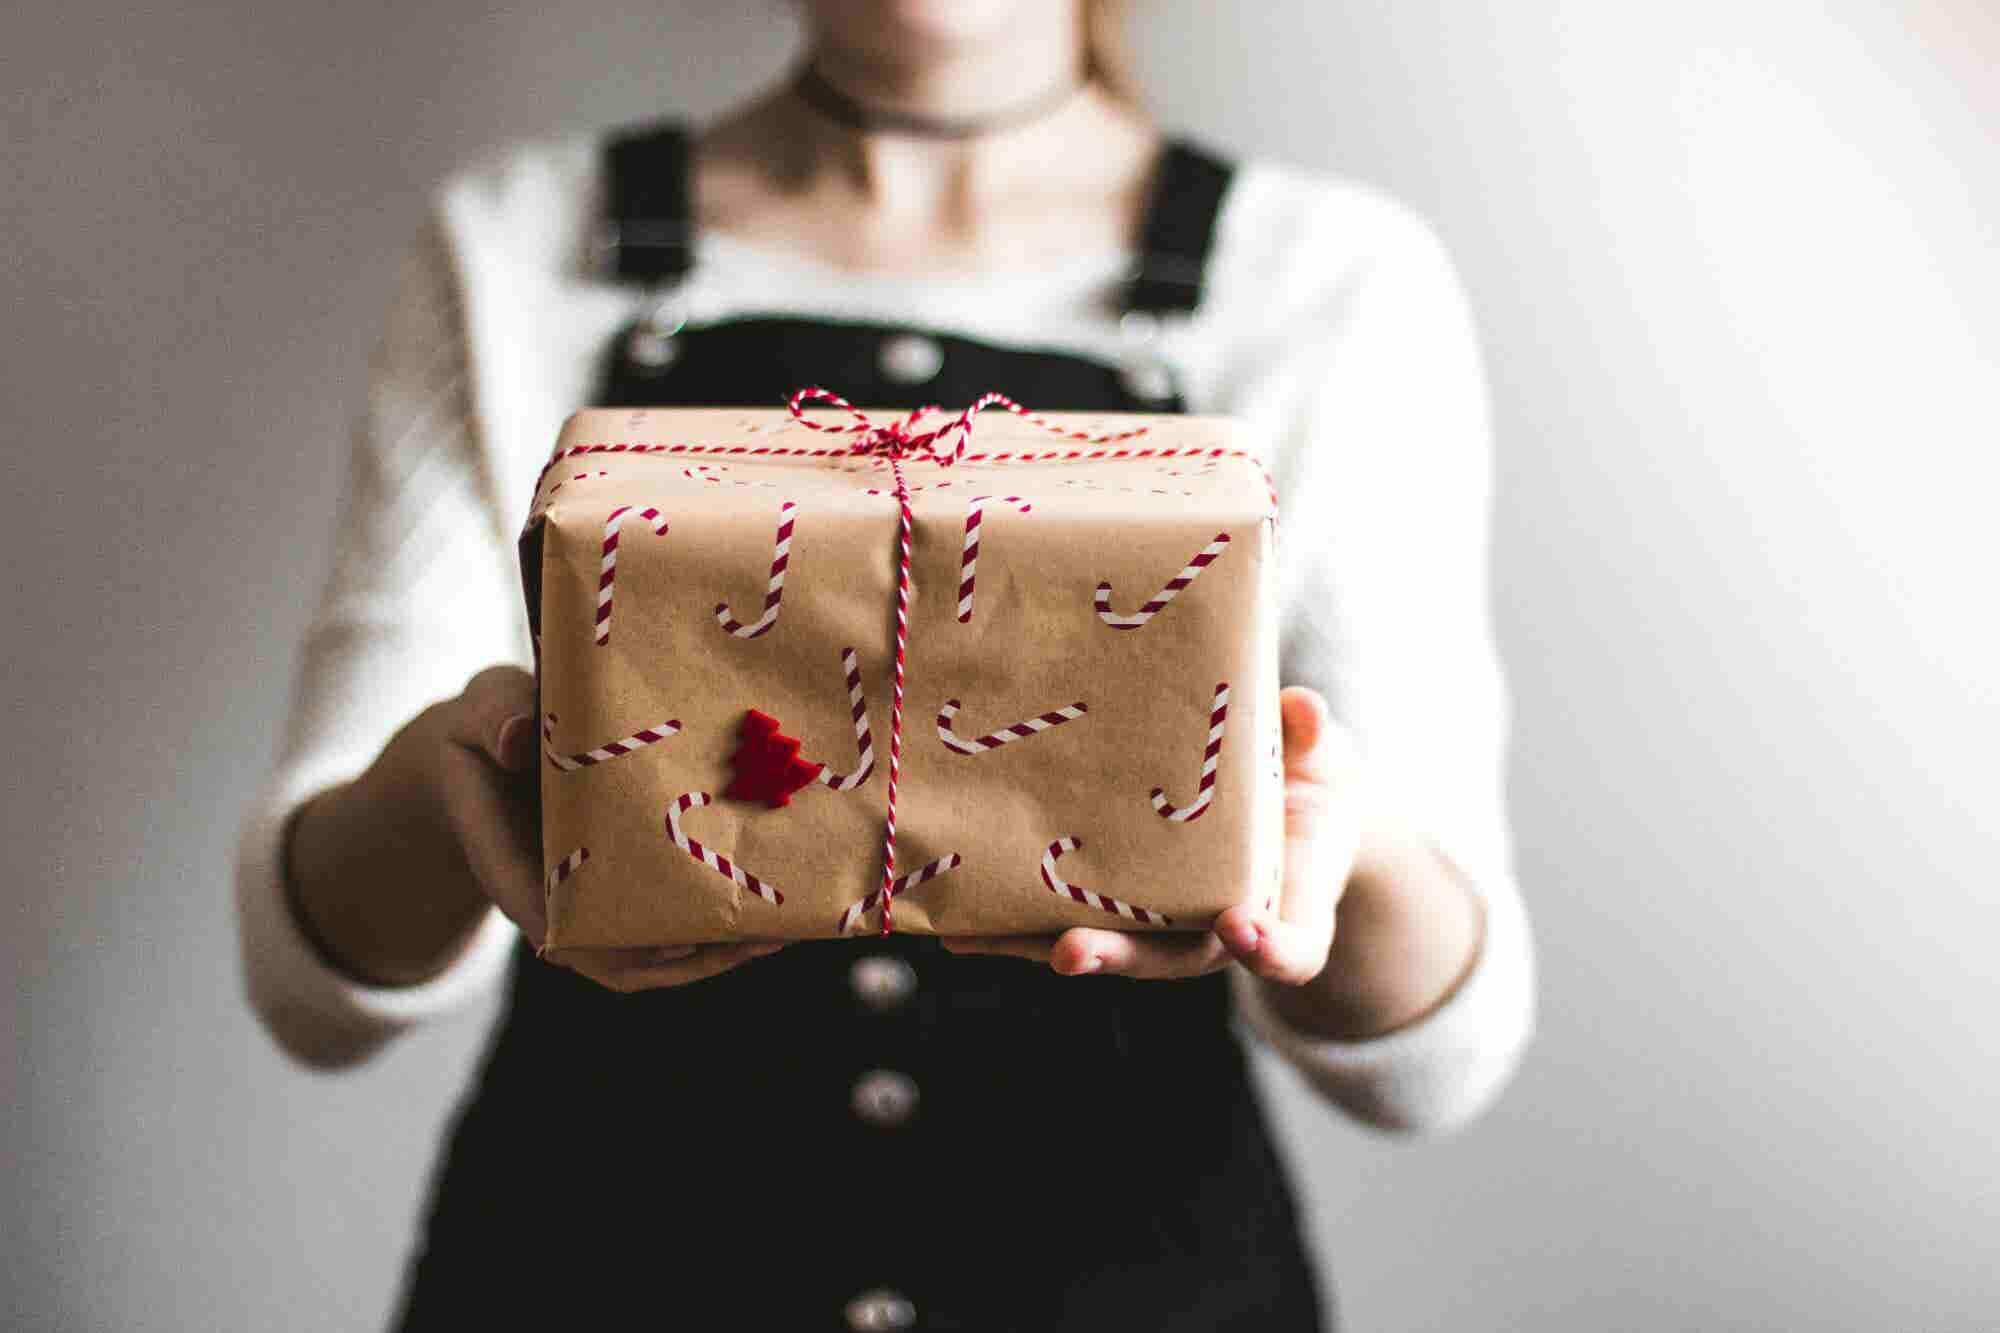 Estas son 6 grandes ideas de regalo que puedes dar o recibir en Navidad